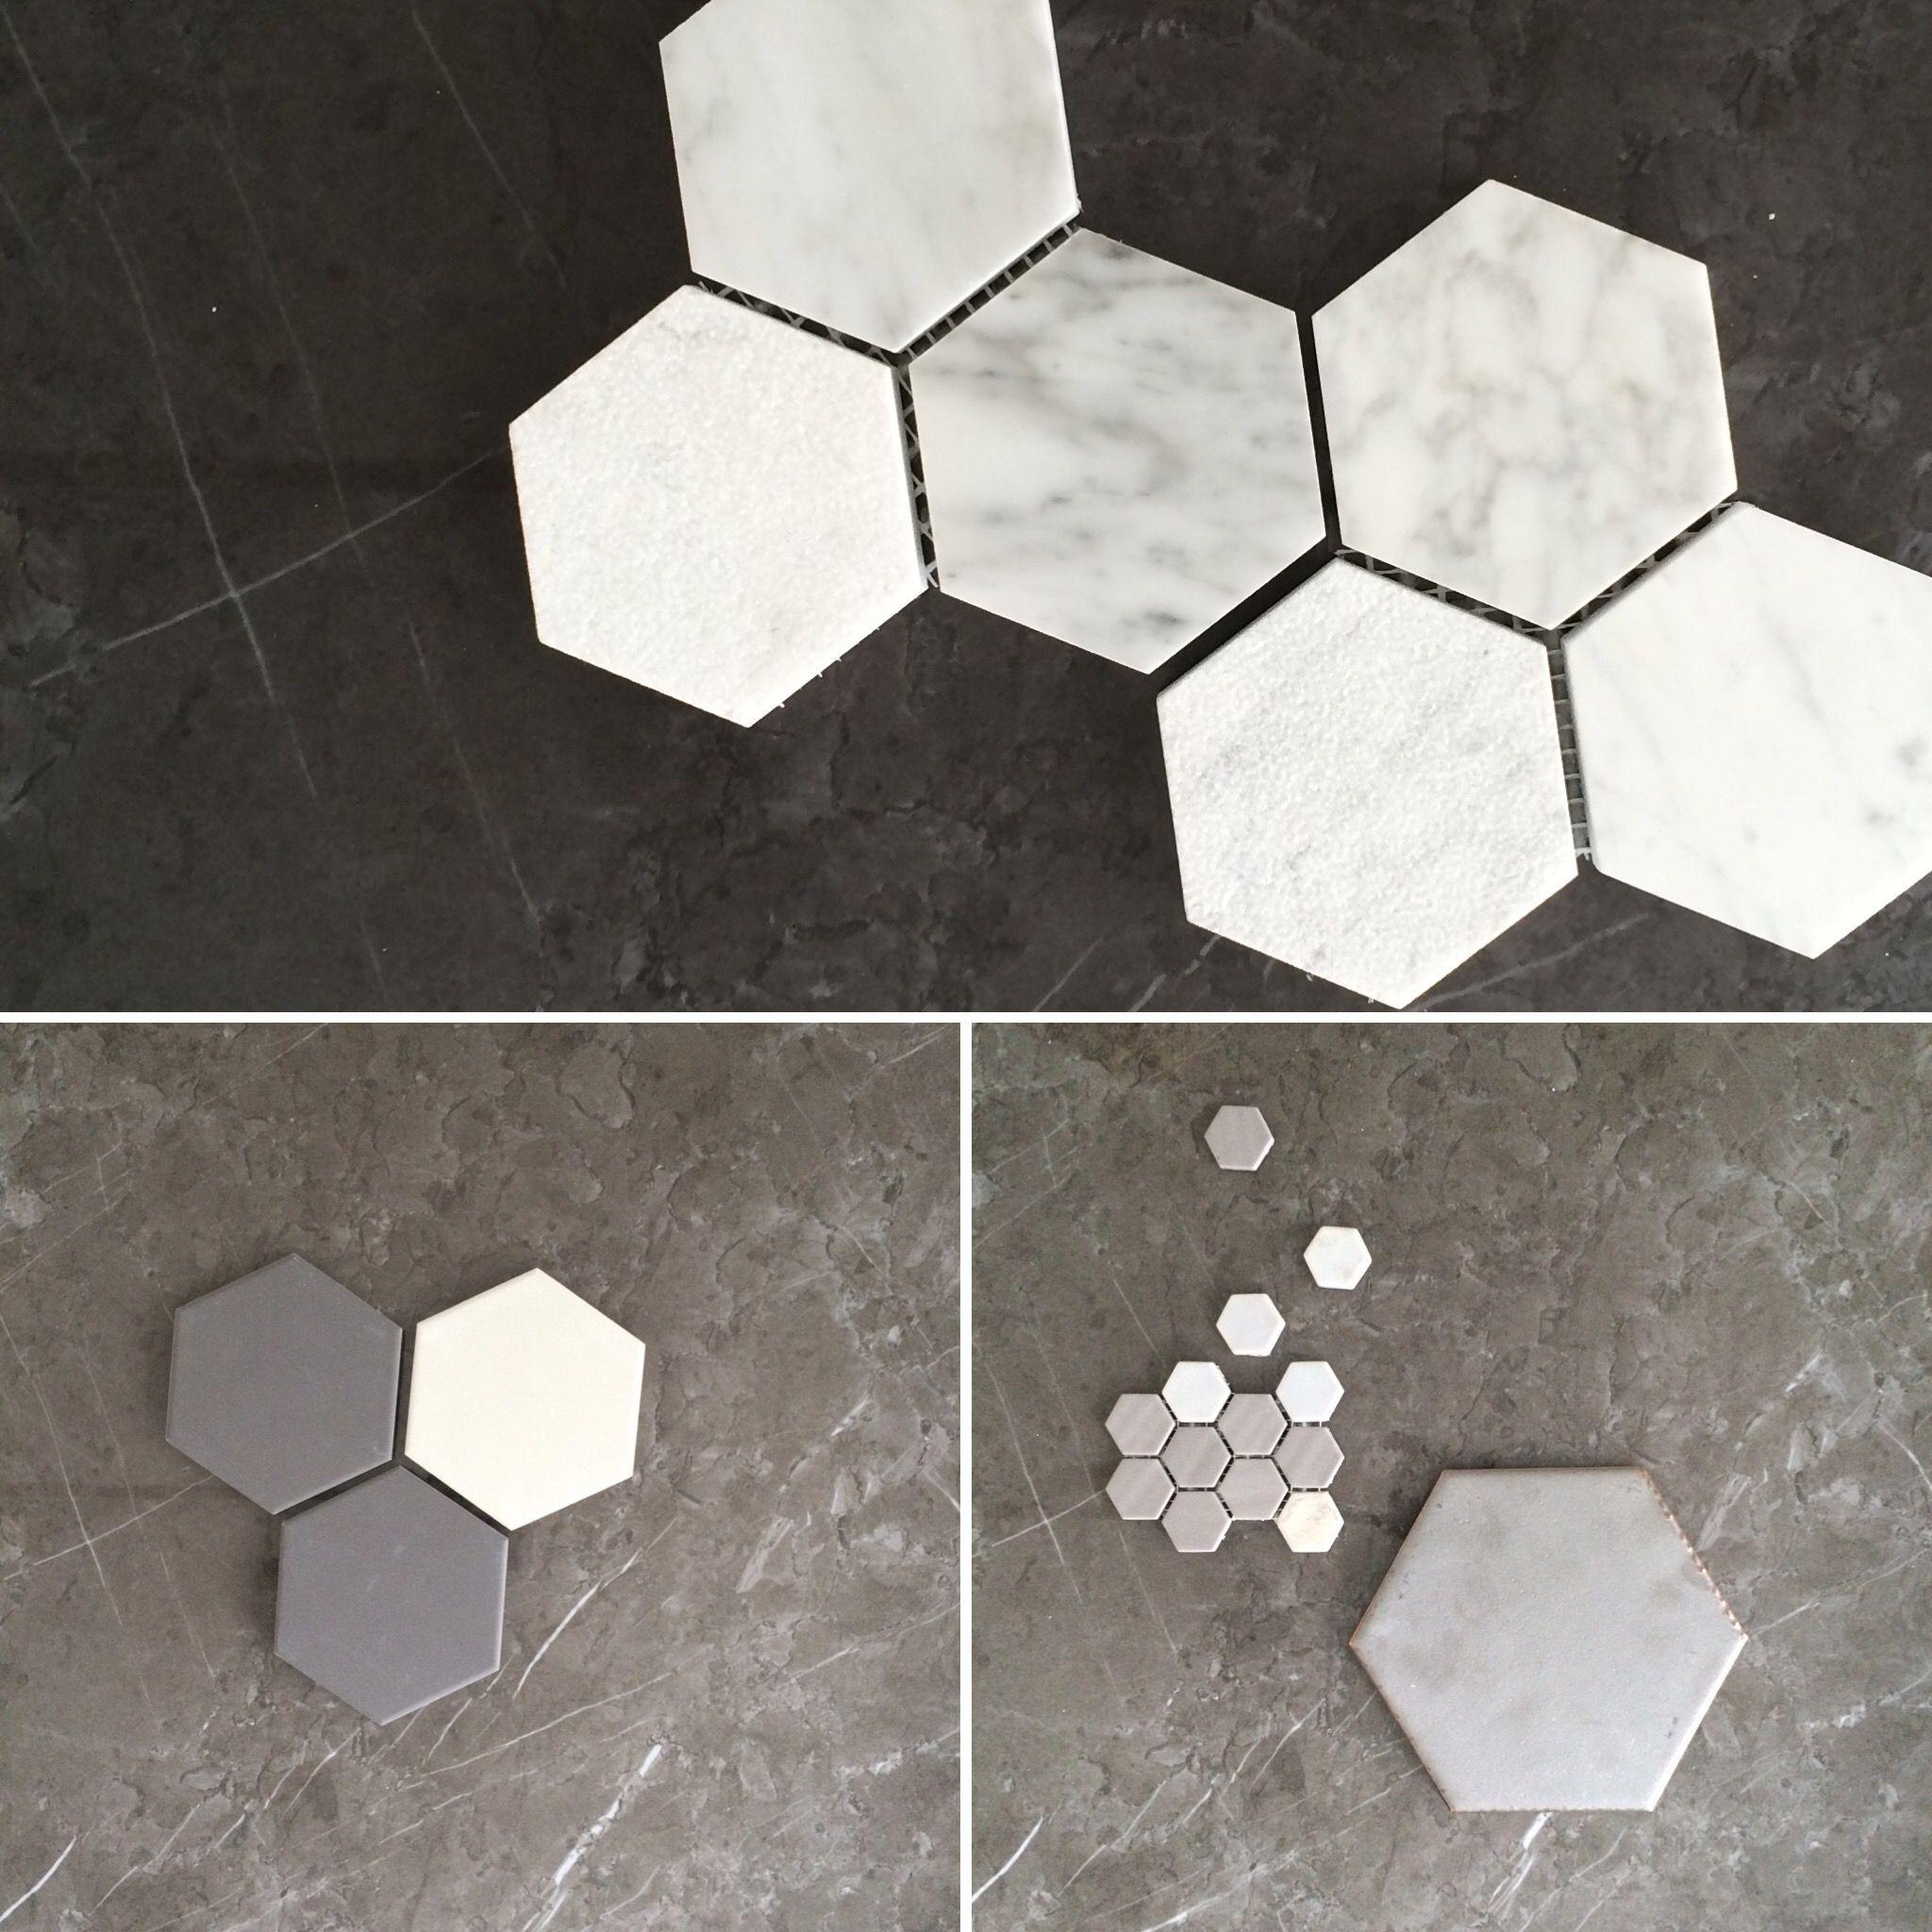 Vanite Salle De Bain Ciot ~ hexagons tiles pinterest salle de bains et salle